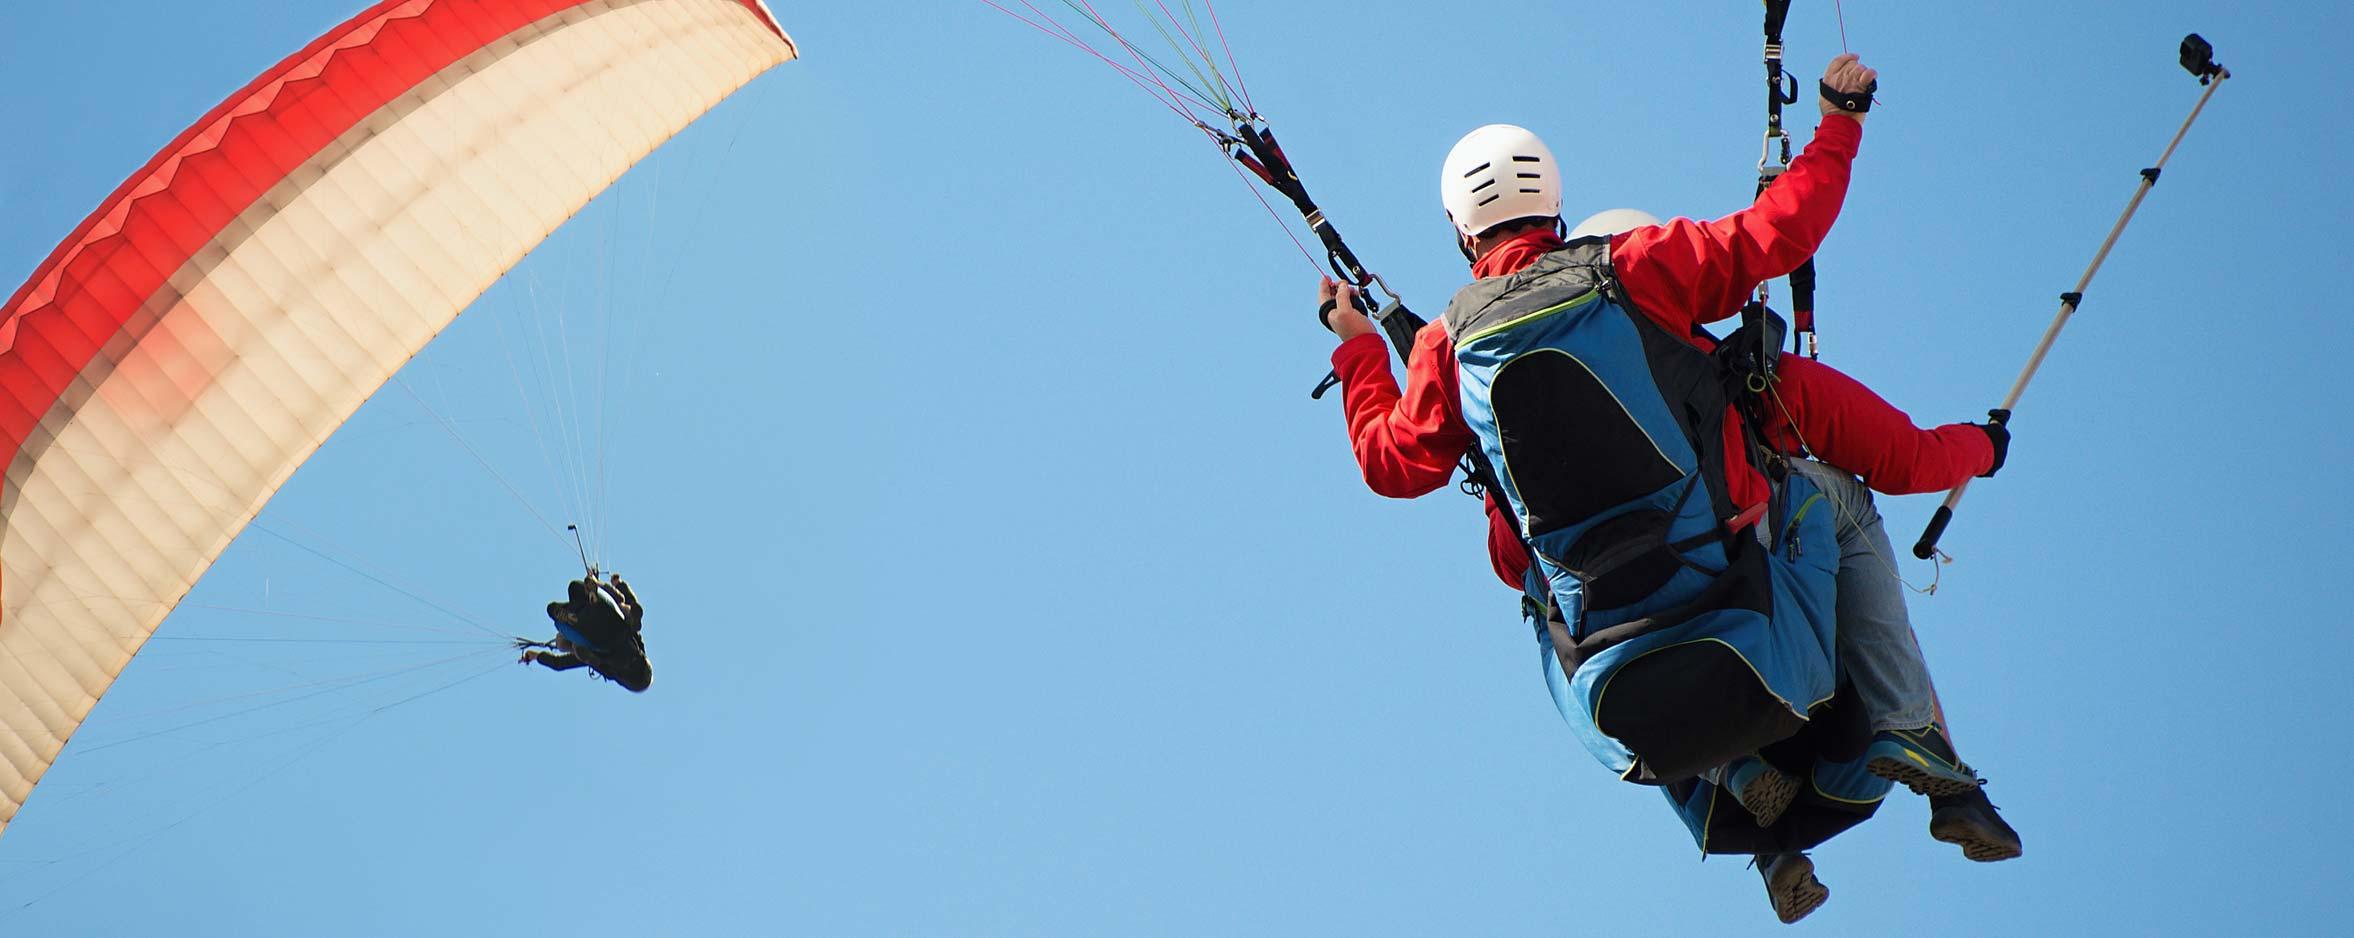 gleitschirm tandemfliegen paraglider